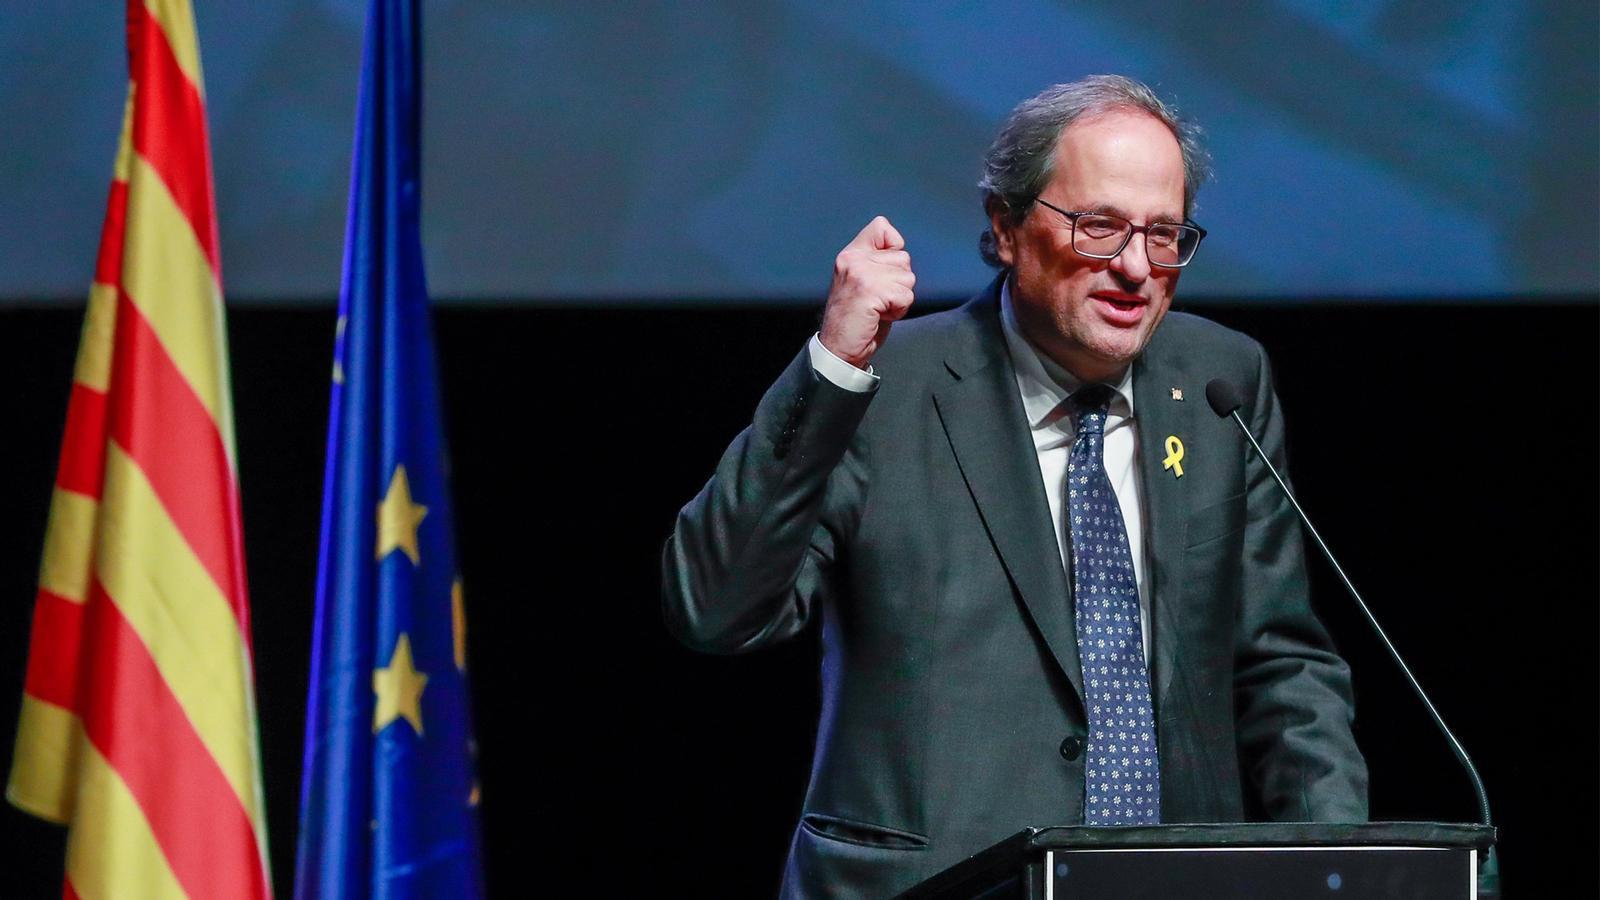 L'anàlisi d'Antoni Bassas: 'La via eslovena de Torra i el descontentament que creix'